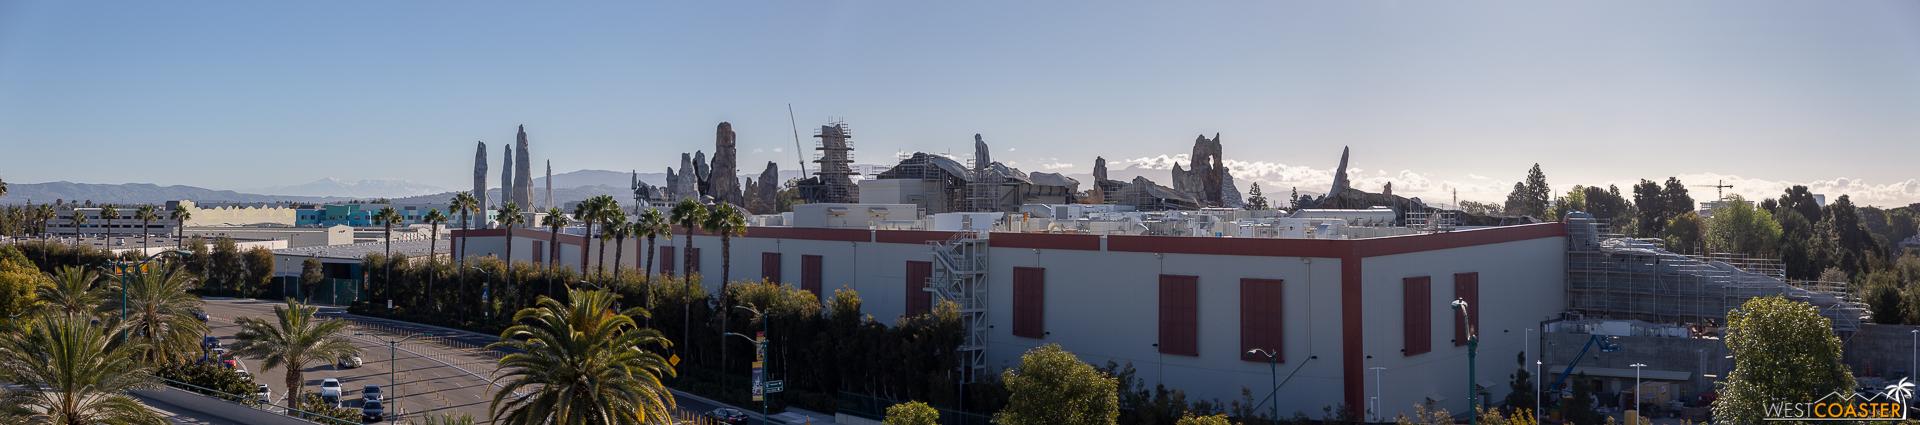 Westcoaster Disneyland Update 2-19-109.jpg